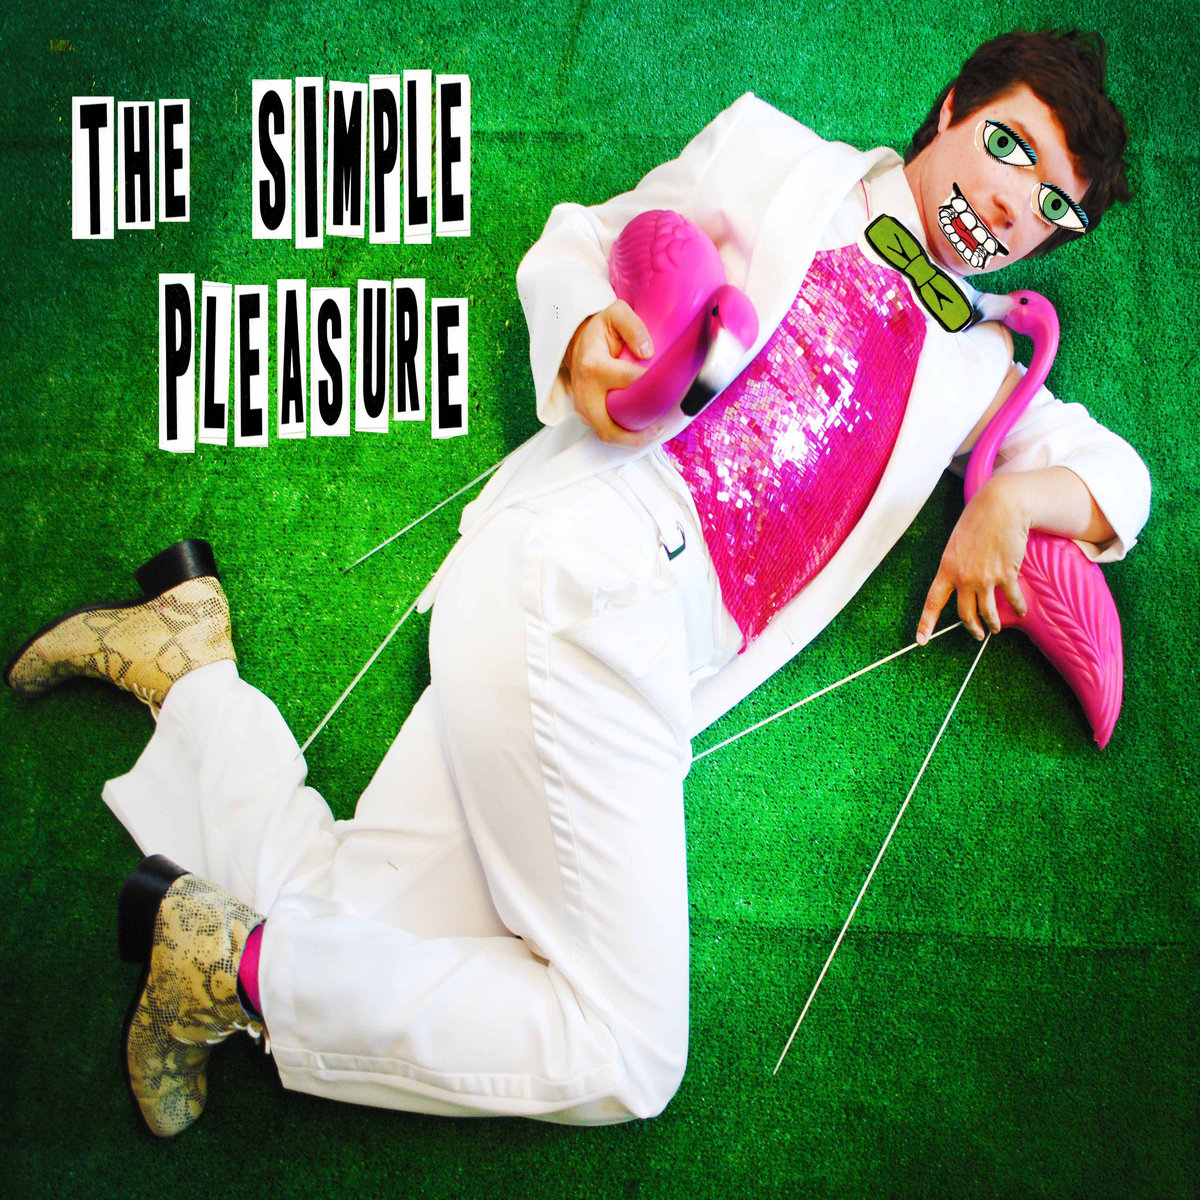 The Simple Pleasure   The Simple Pleasure